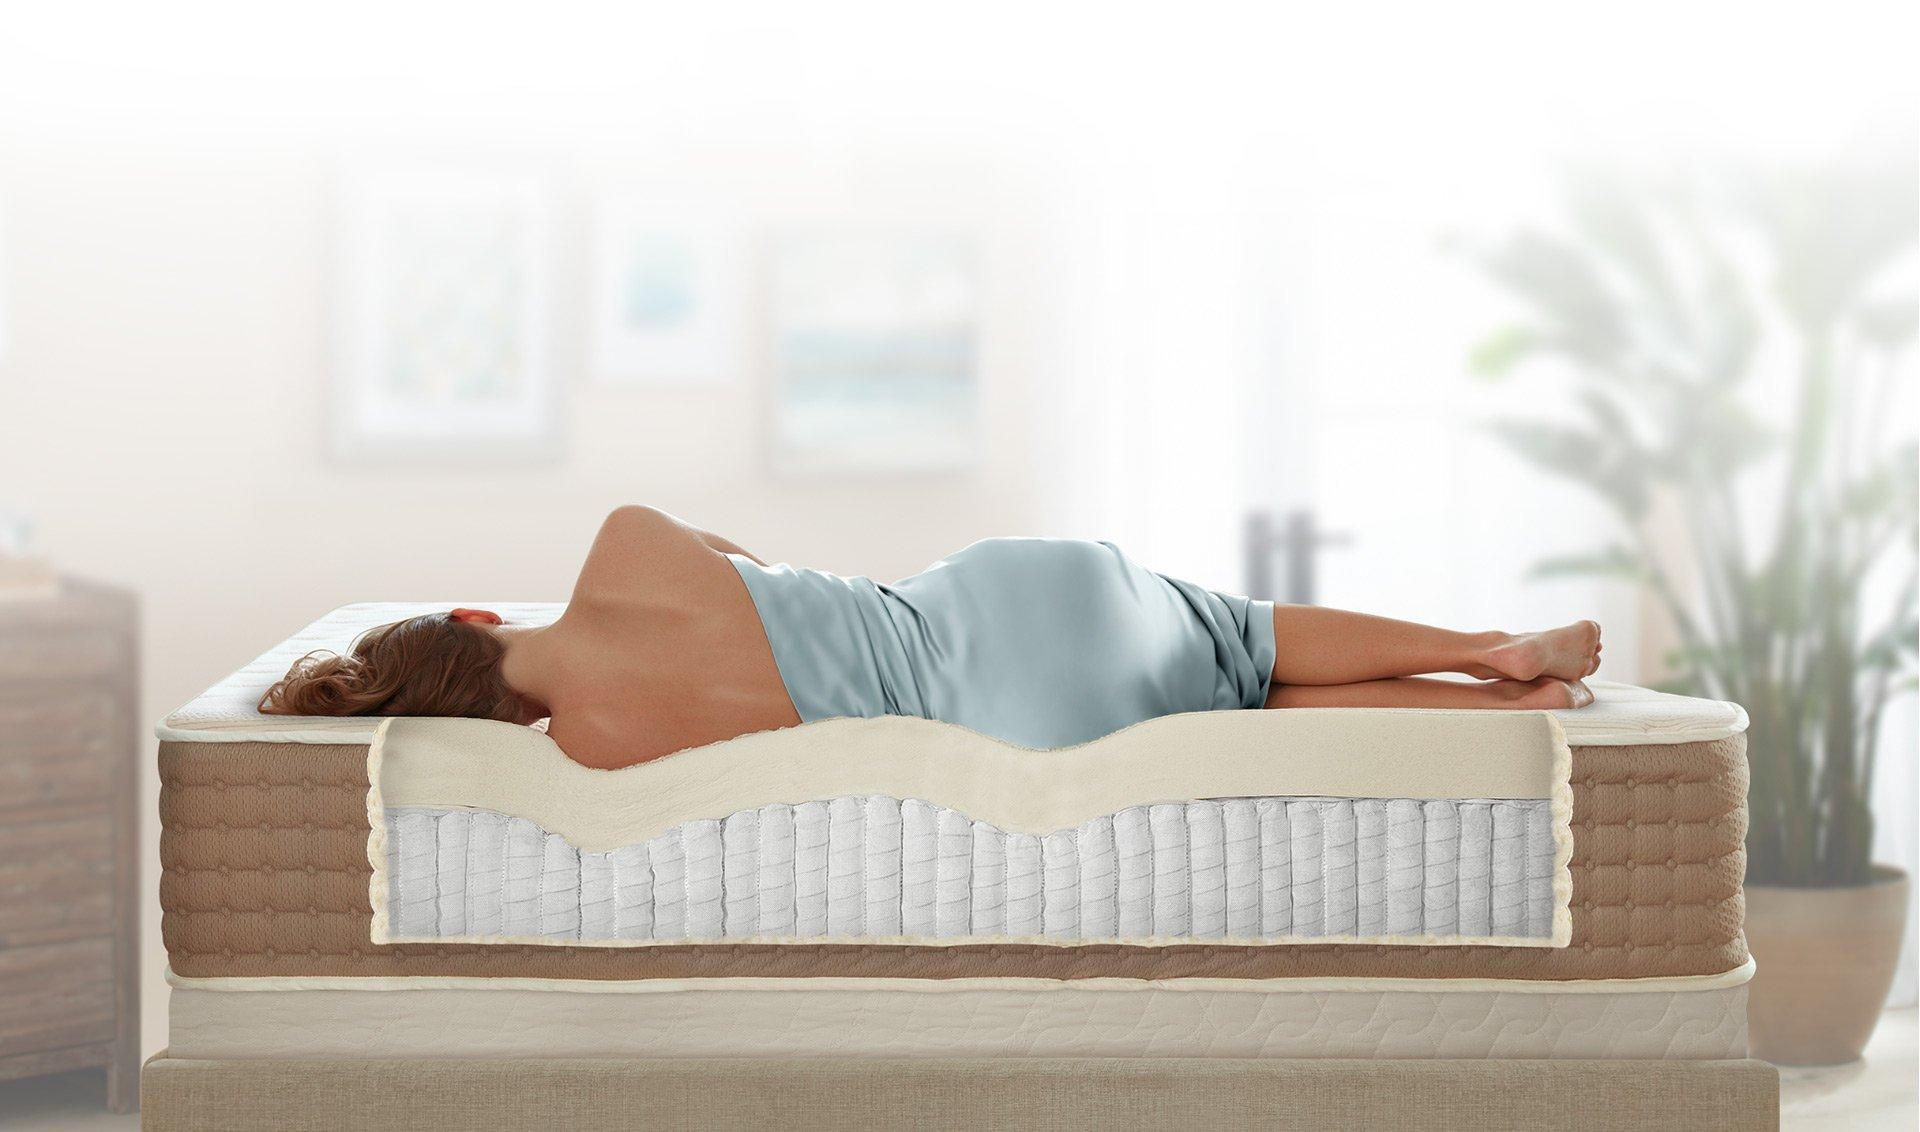 Một chiếc đệm thoải mái sẽ giúp bạn ngủ ngon hơn.